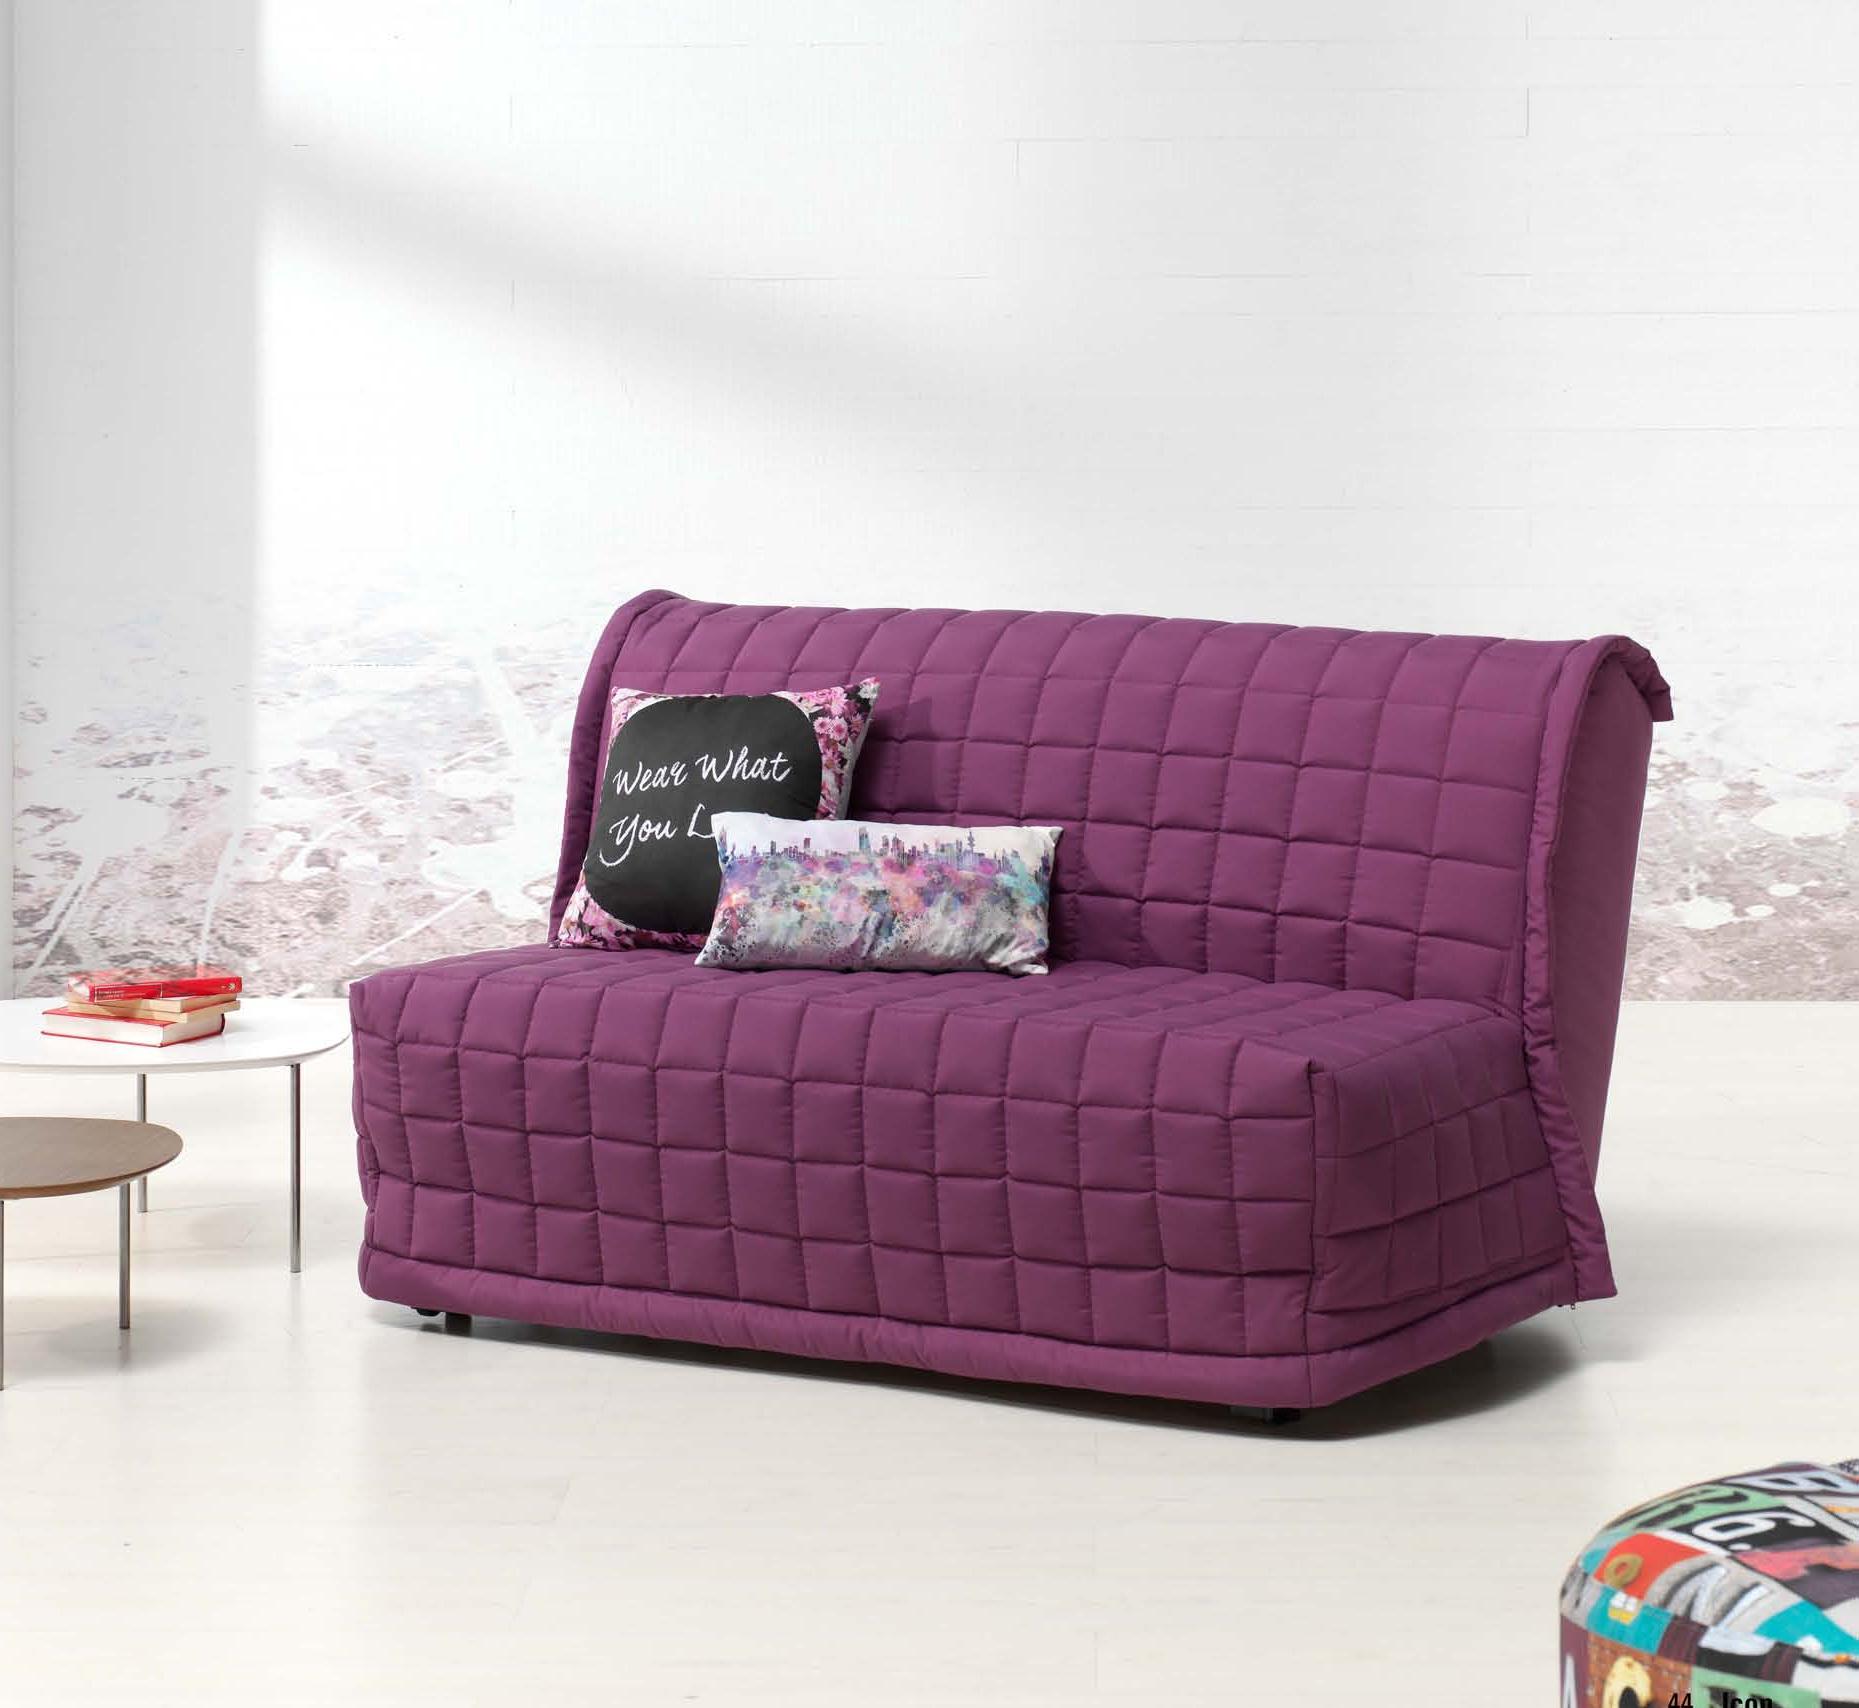 Sof cama dise o moderno y juvenil muebles adama tienda - Sofa cama juvenil ...